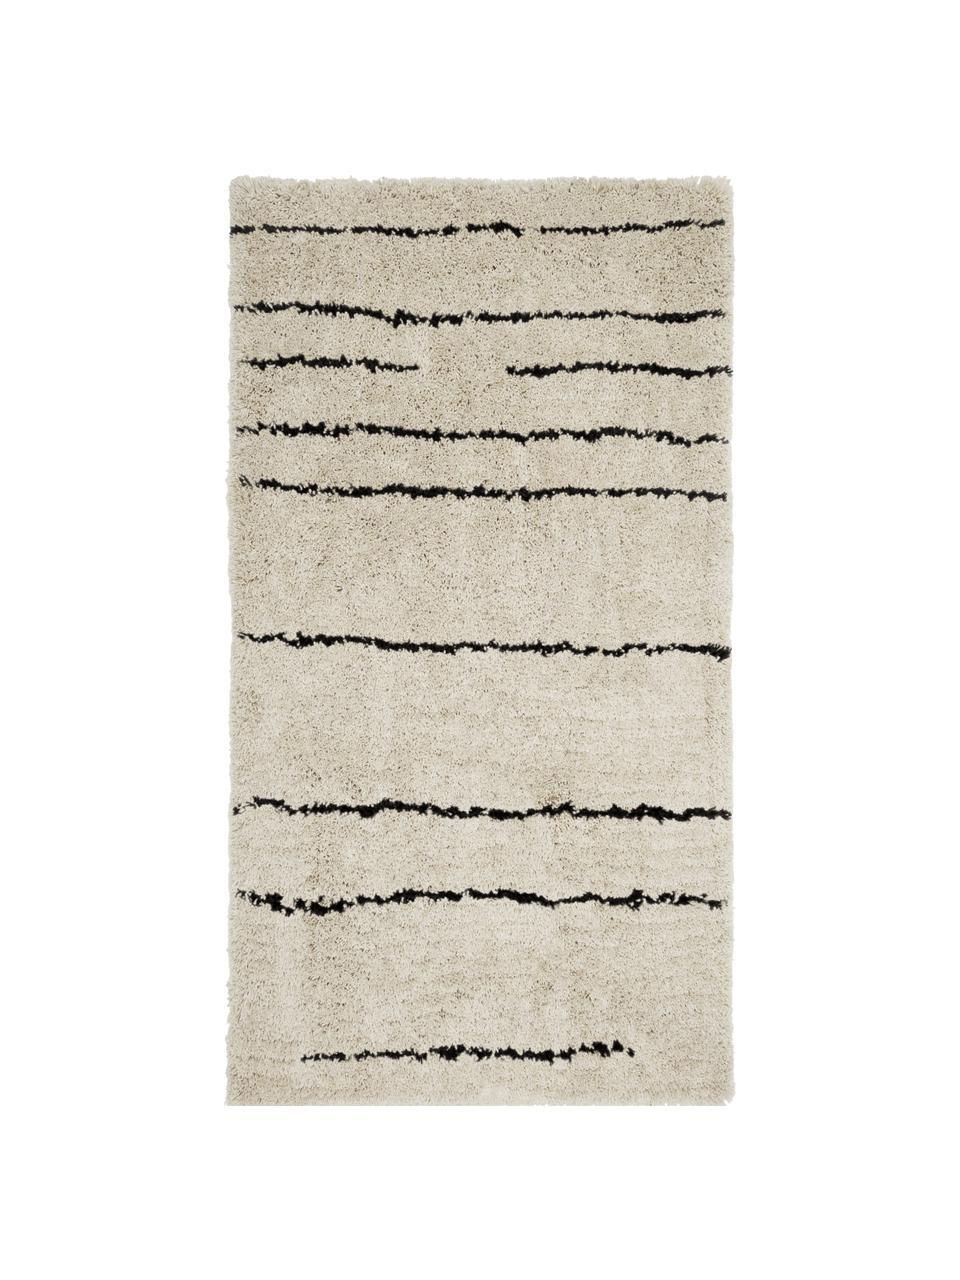 Ručně všívaný načechraný koberec s vysokým vlasem Dunya, Béžová, černá